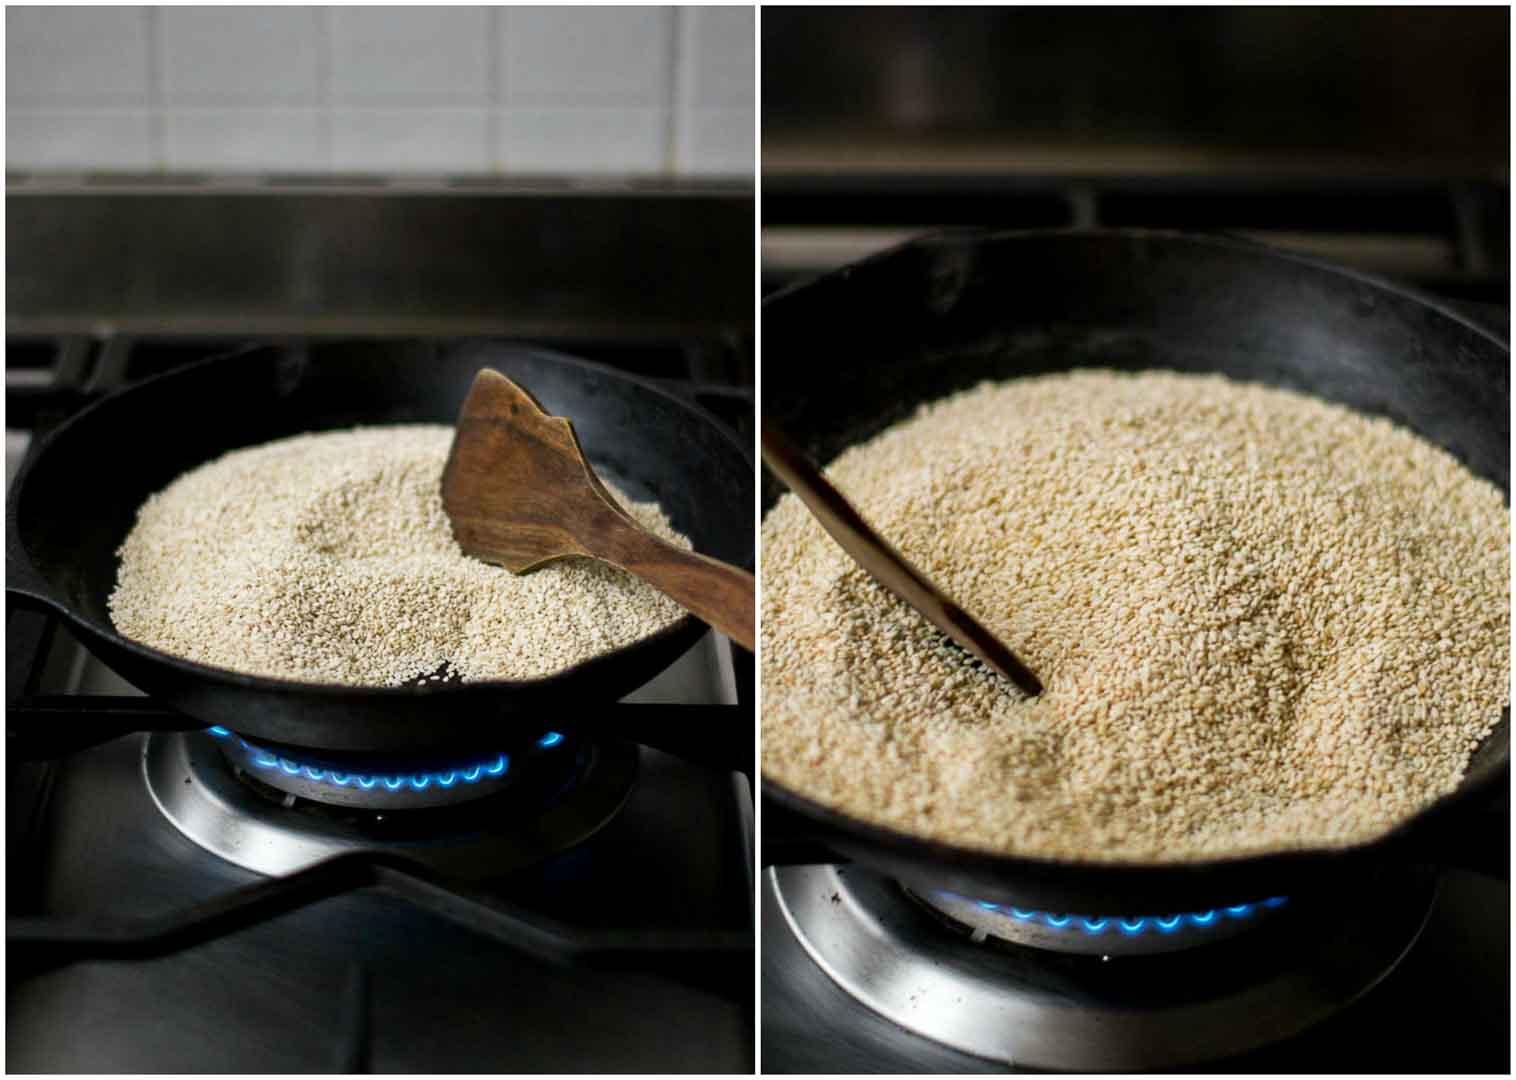 vella-ellu-urundai-recipe-1-4